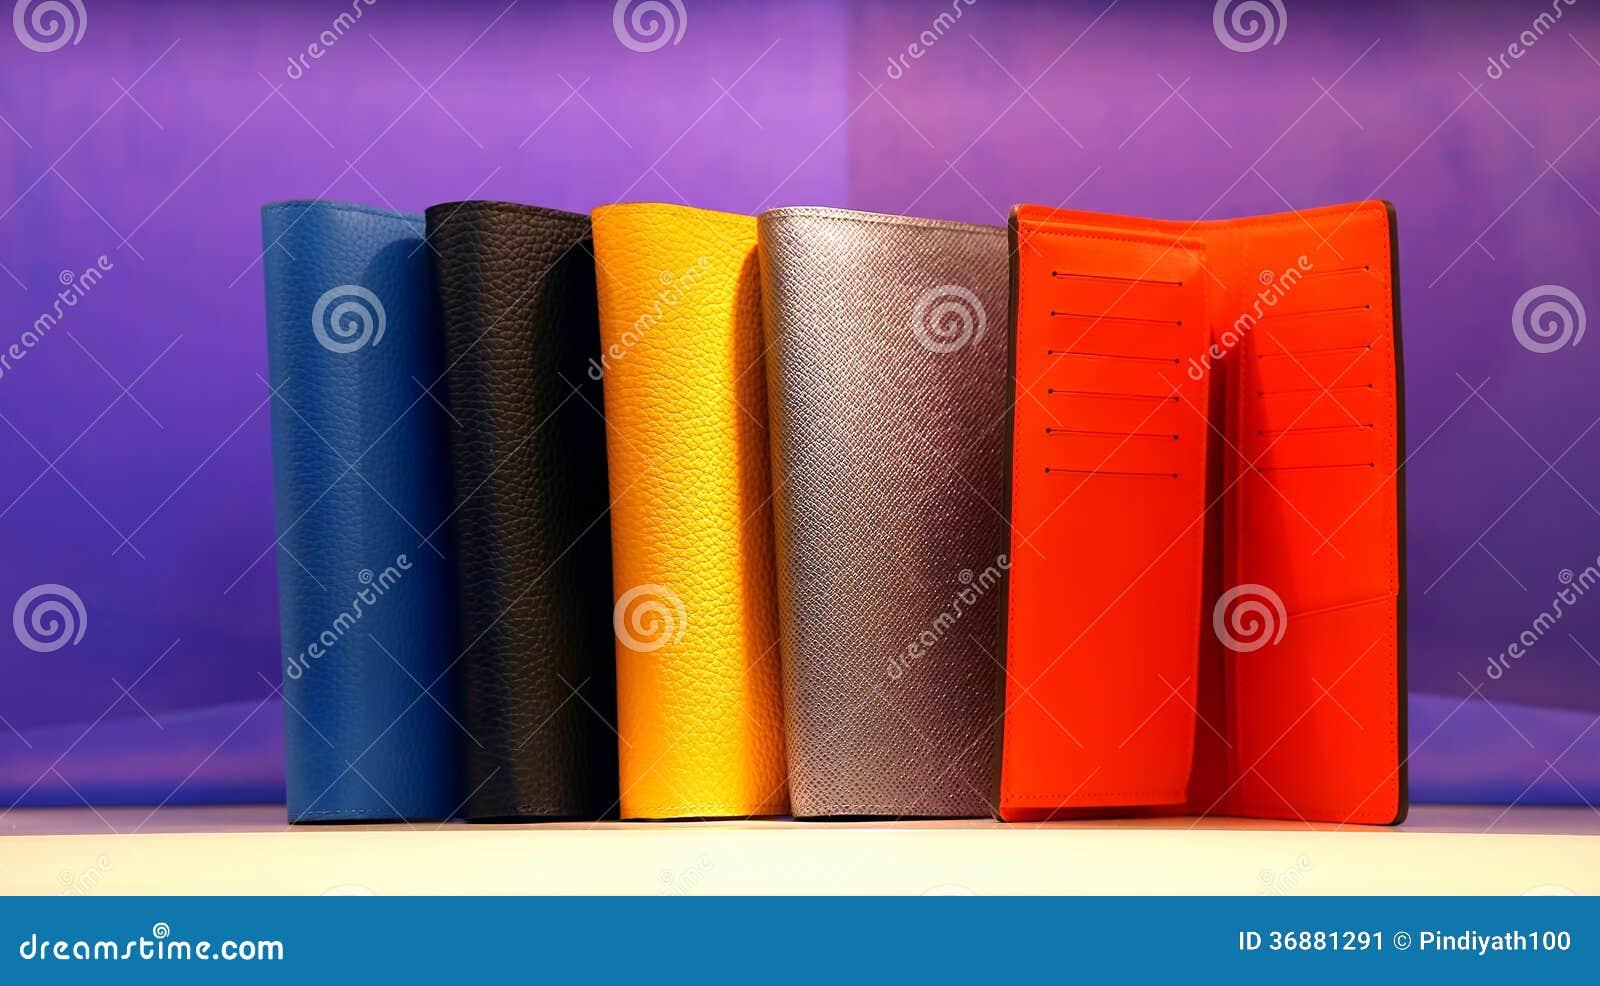 Download Portafogli Di Cuoio Del Progettista Immagine Stock - Immagine di background, struttura: 36881291